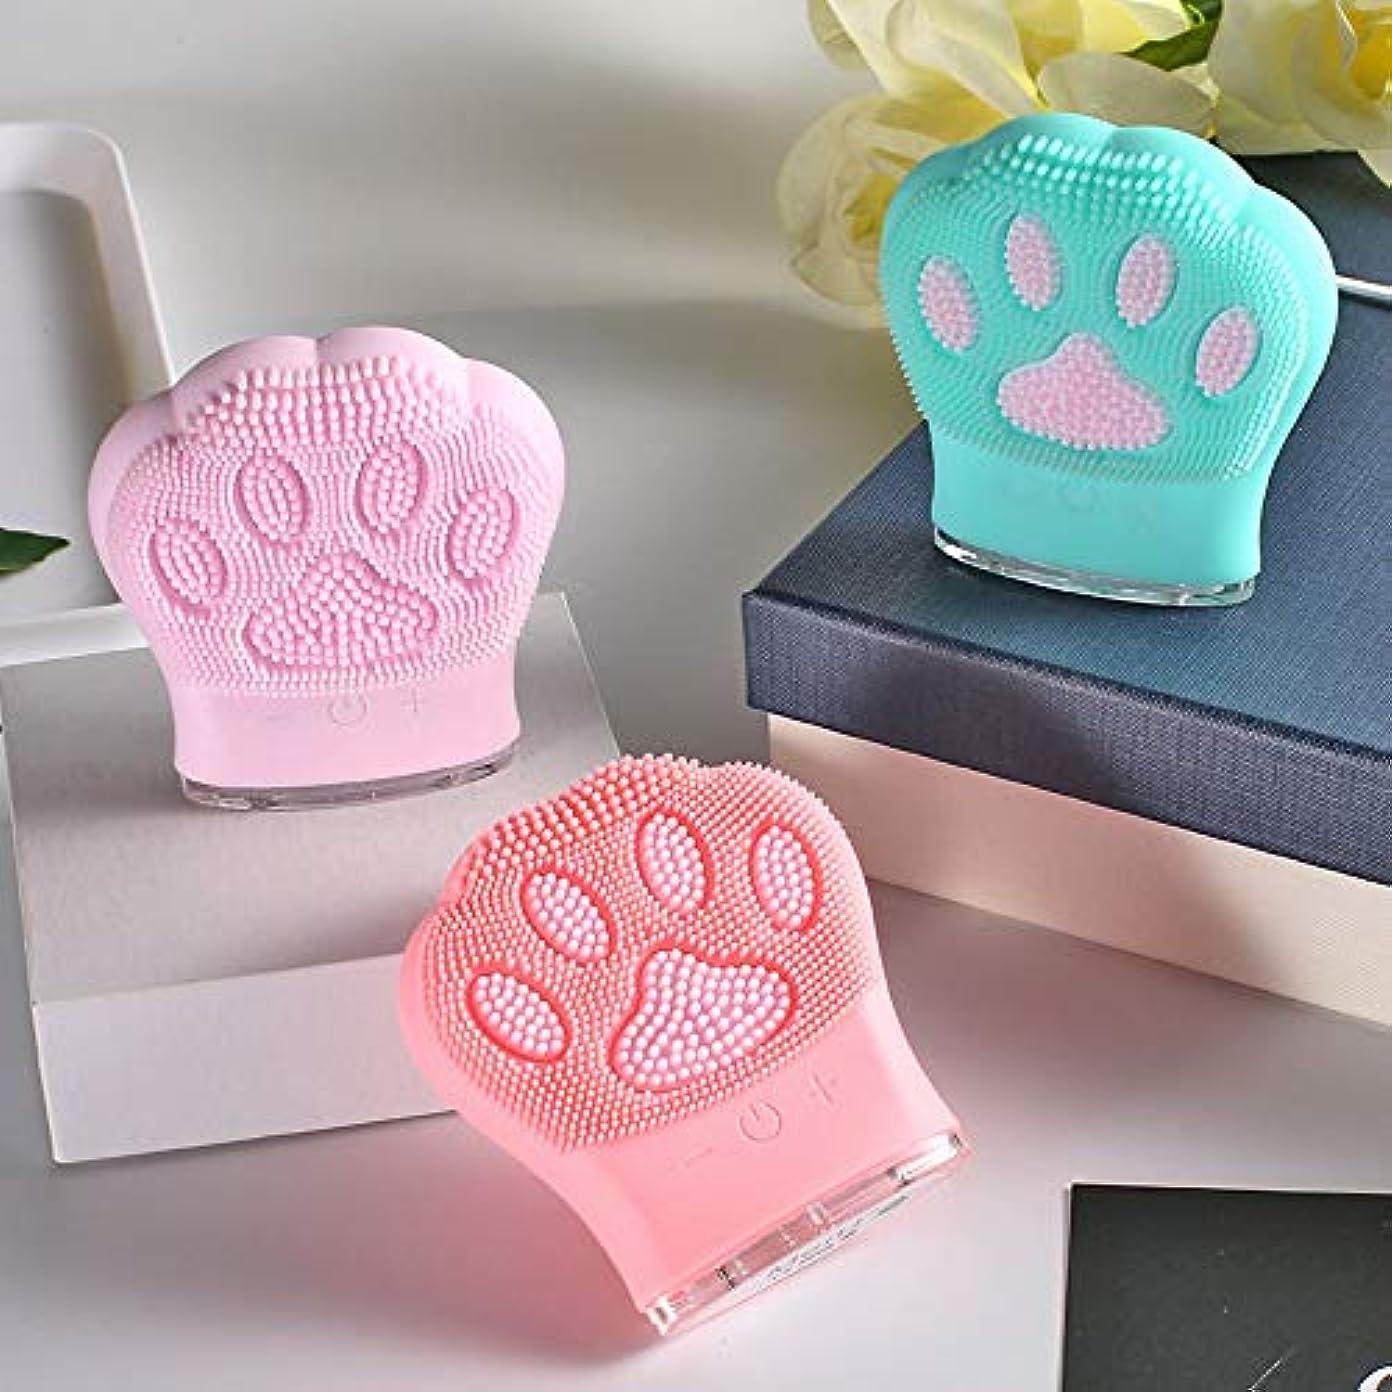 状態現実日食ZXF 新しい猫の爪形状シリコーンクレンジング楽器超音波充電洗顔器具ガールフレンド小さなギフト洗浄ブラシピンク赤青セクション 滑らかである (色 : Pink)